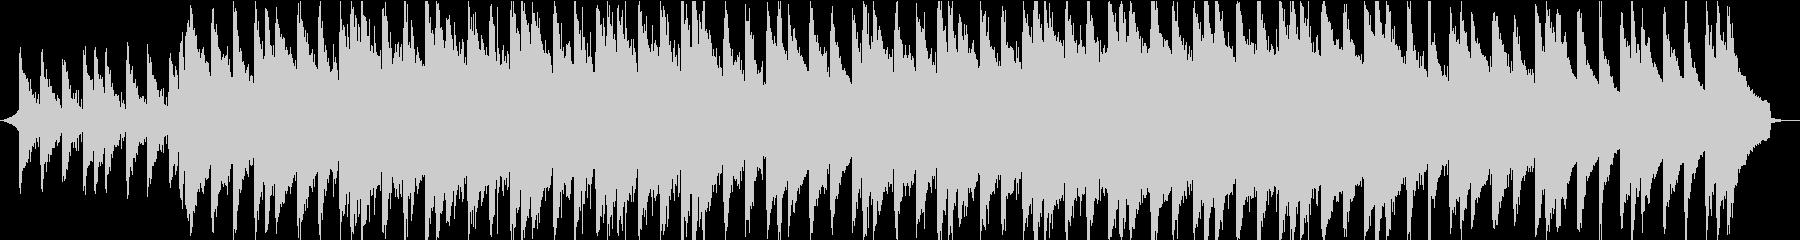 オシャレ・エモーショナルな映像用音楽②の未再生の波形